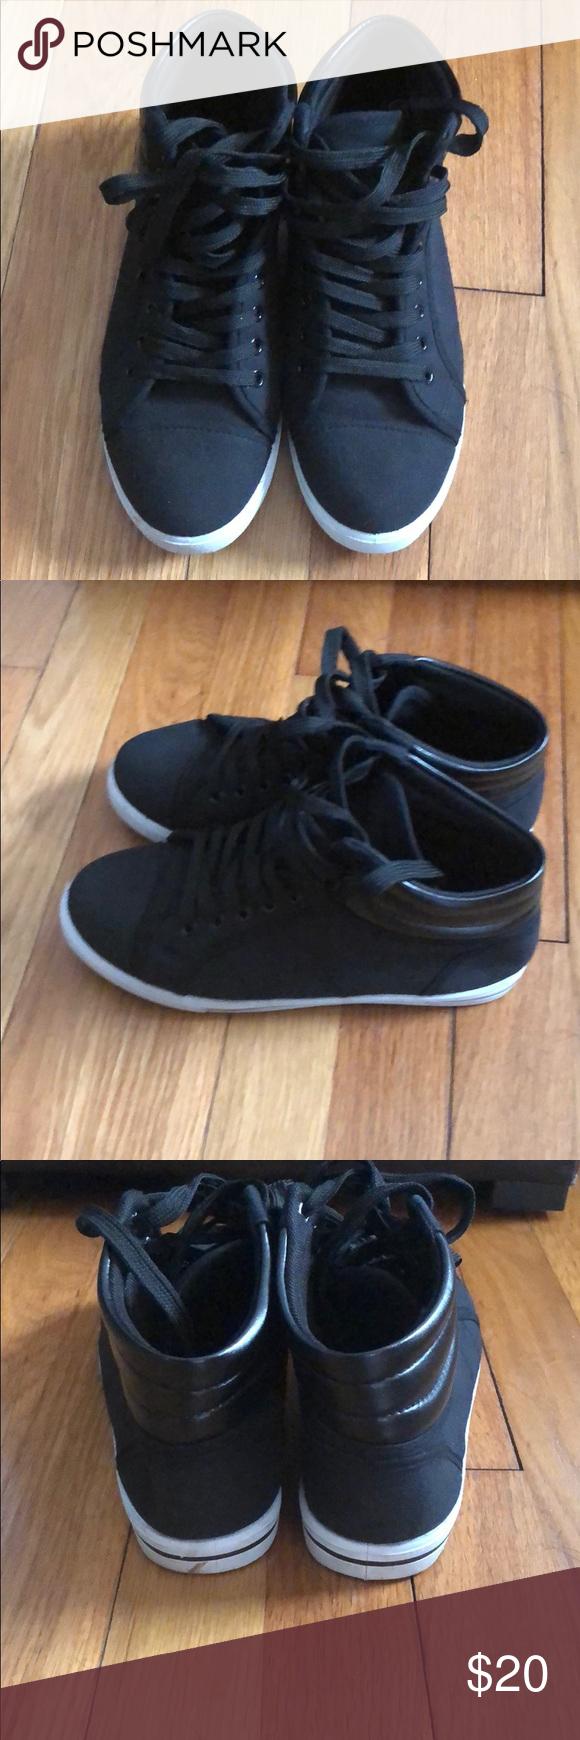 f4ca63af87b1e Rockland black high top sneakers Rockland high top black sneakers. Kind of  look like converse